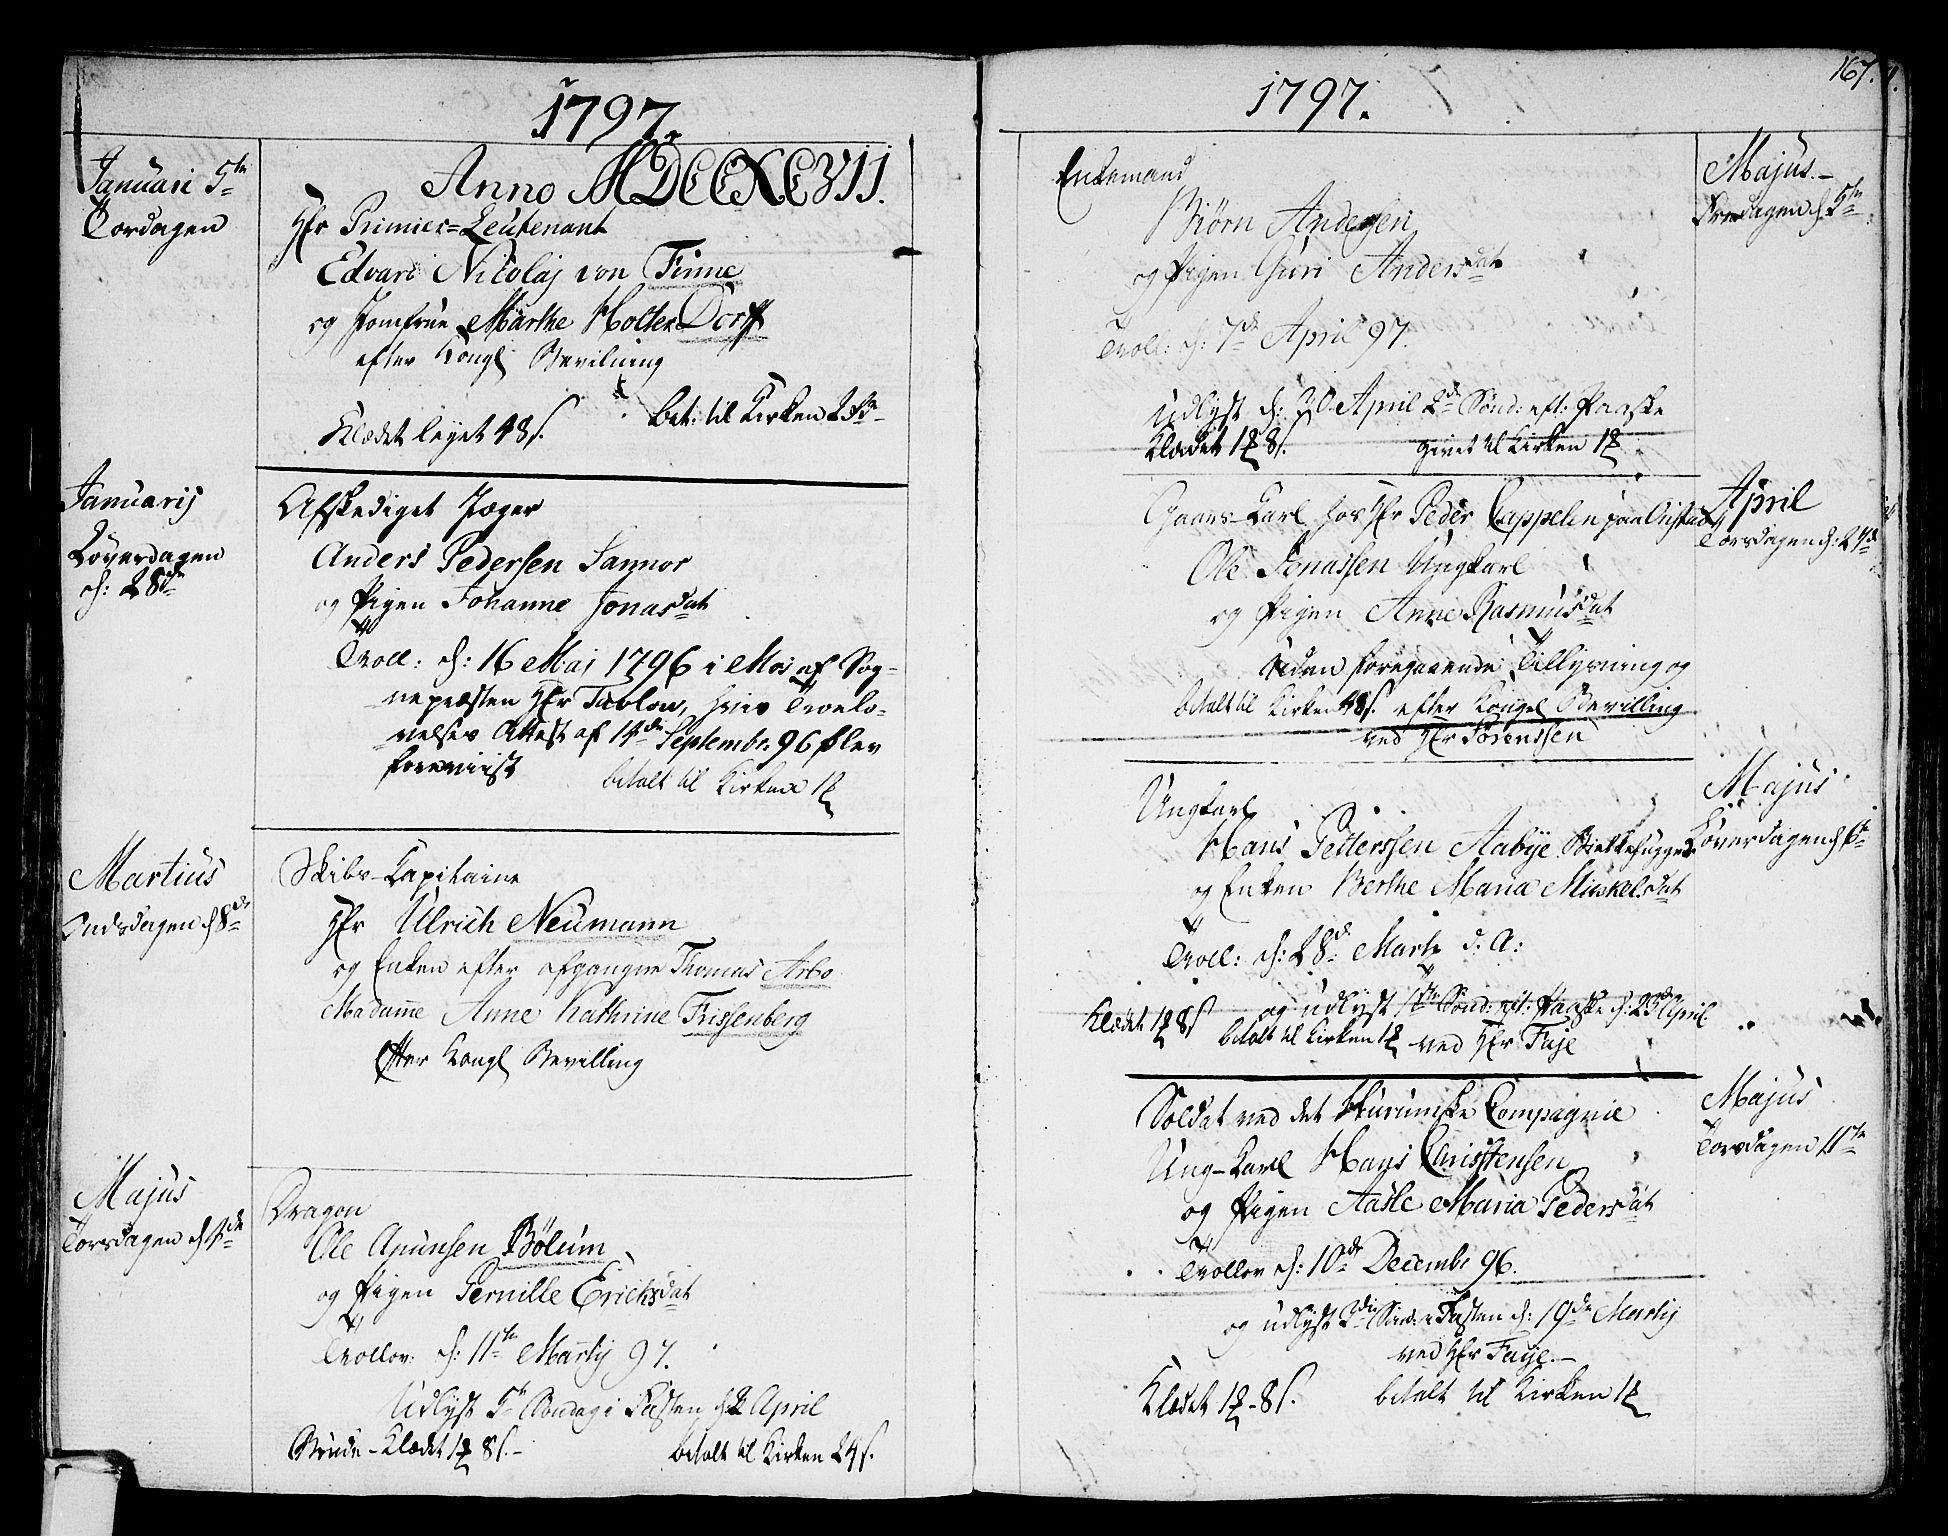 SAKO, Strømsø kirkebøker, F/Fa/L0010: Ministerialbok nr. I 10, 1792-1822, s. 167